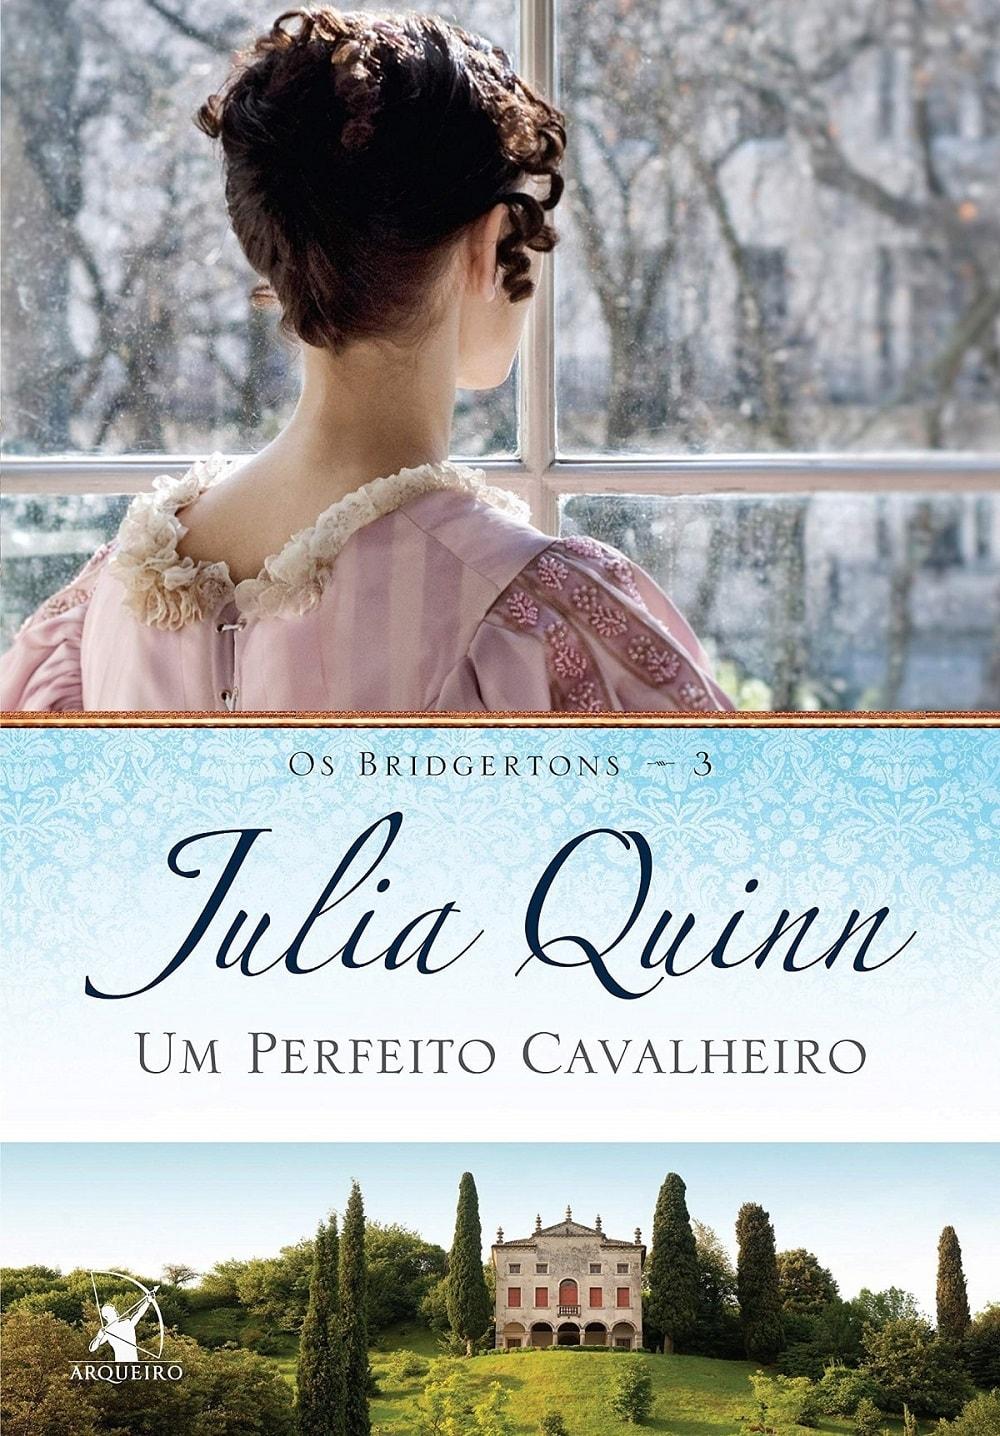 LIVRO BRIDGERTON UM PERFEITO CAVALHEIRO DE JULIA QUINN